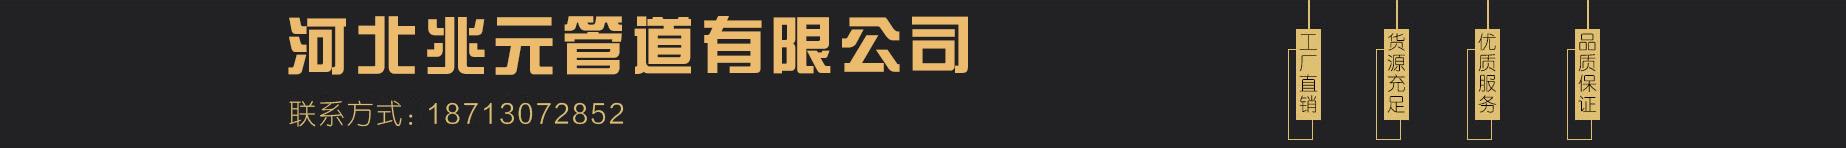 河北兆元管道装备有限公司